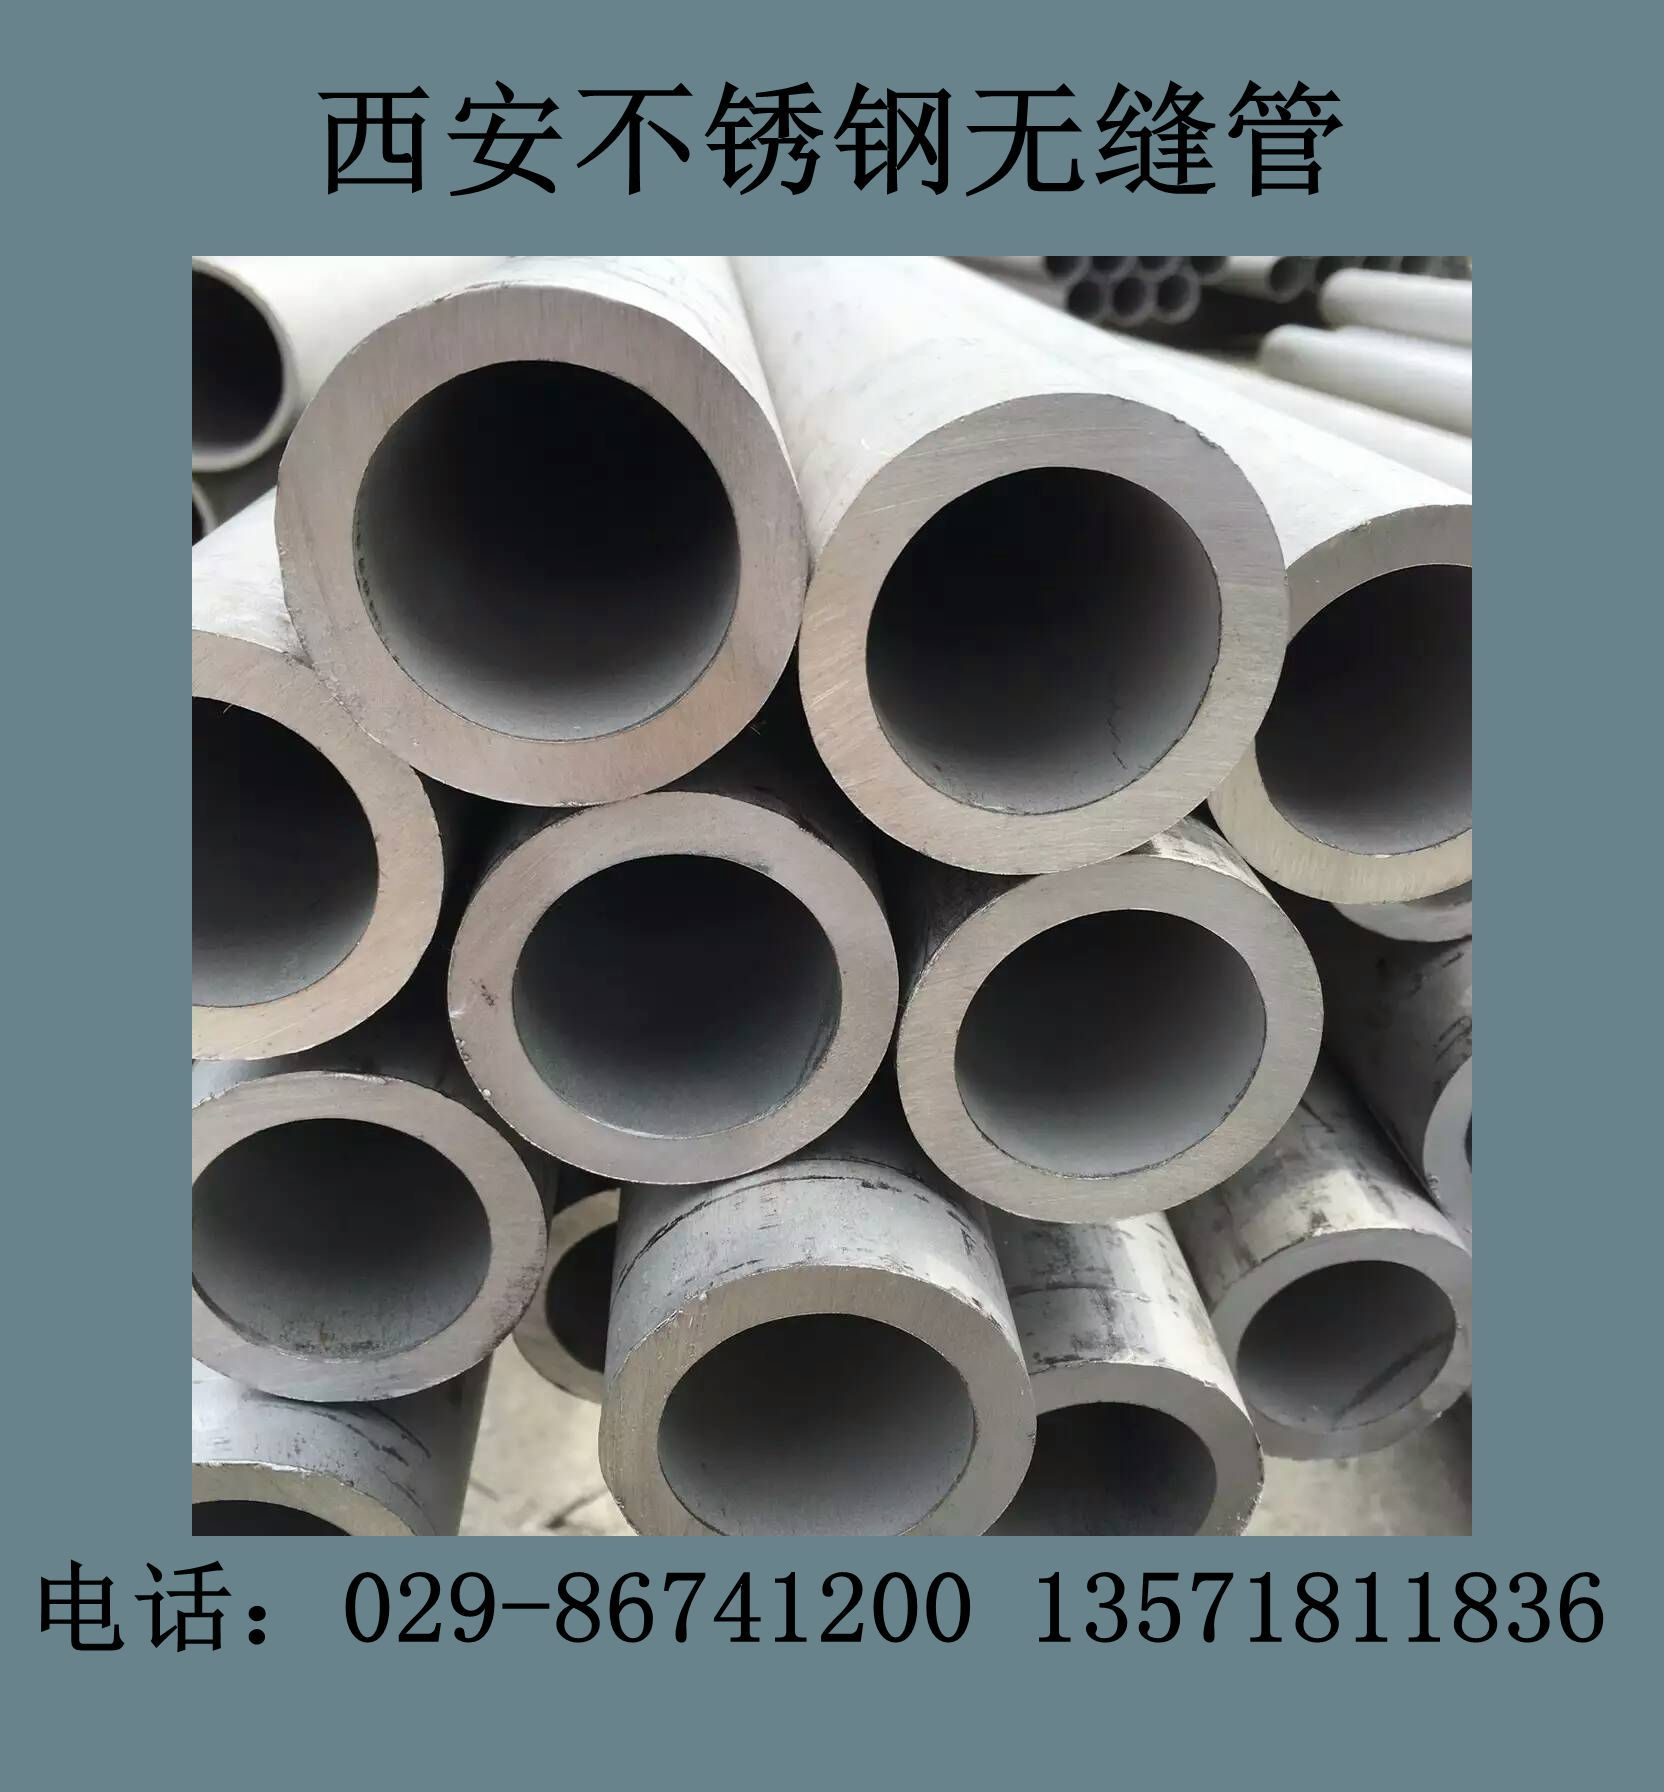 库尔勒不锈钢管库尔勒304不锈钢管316不锈钢管厂家直销批发零售